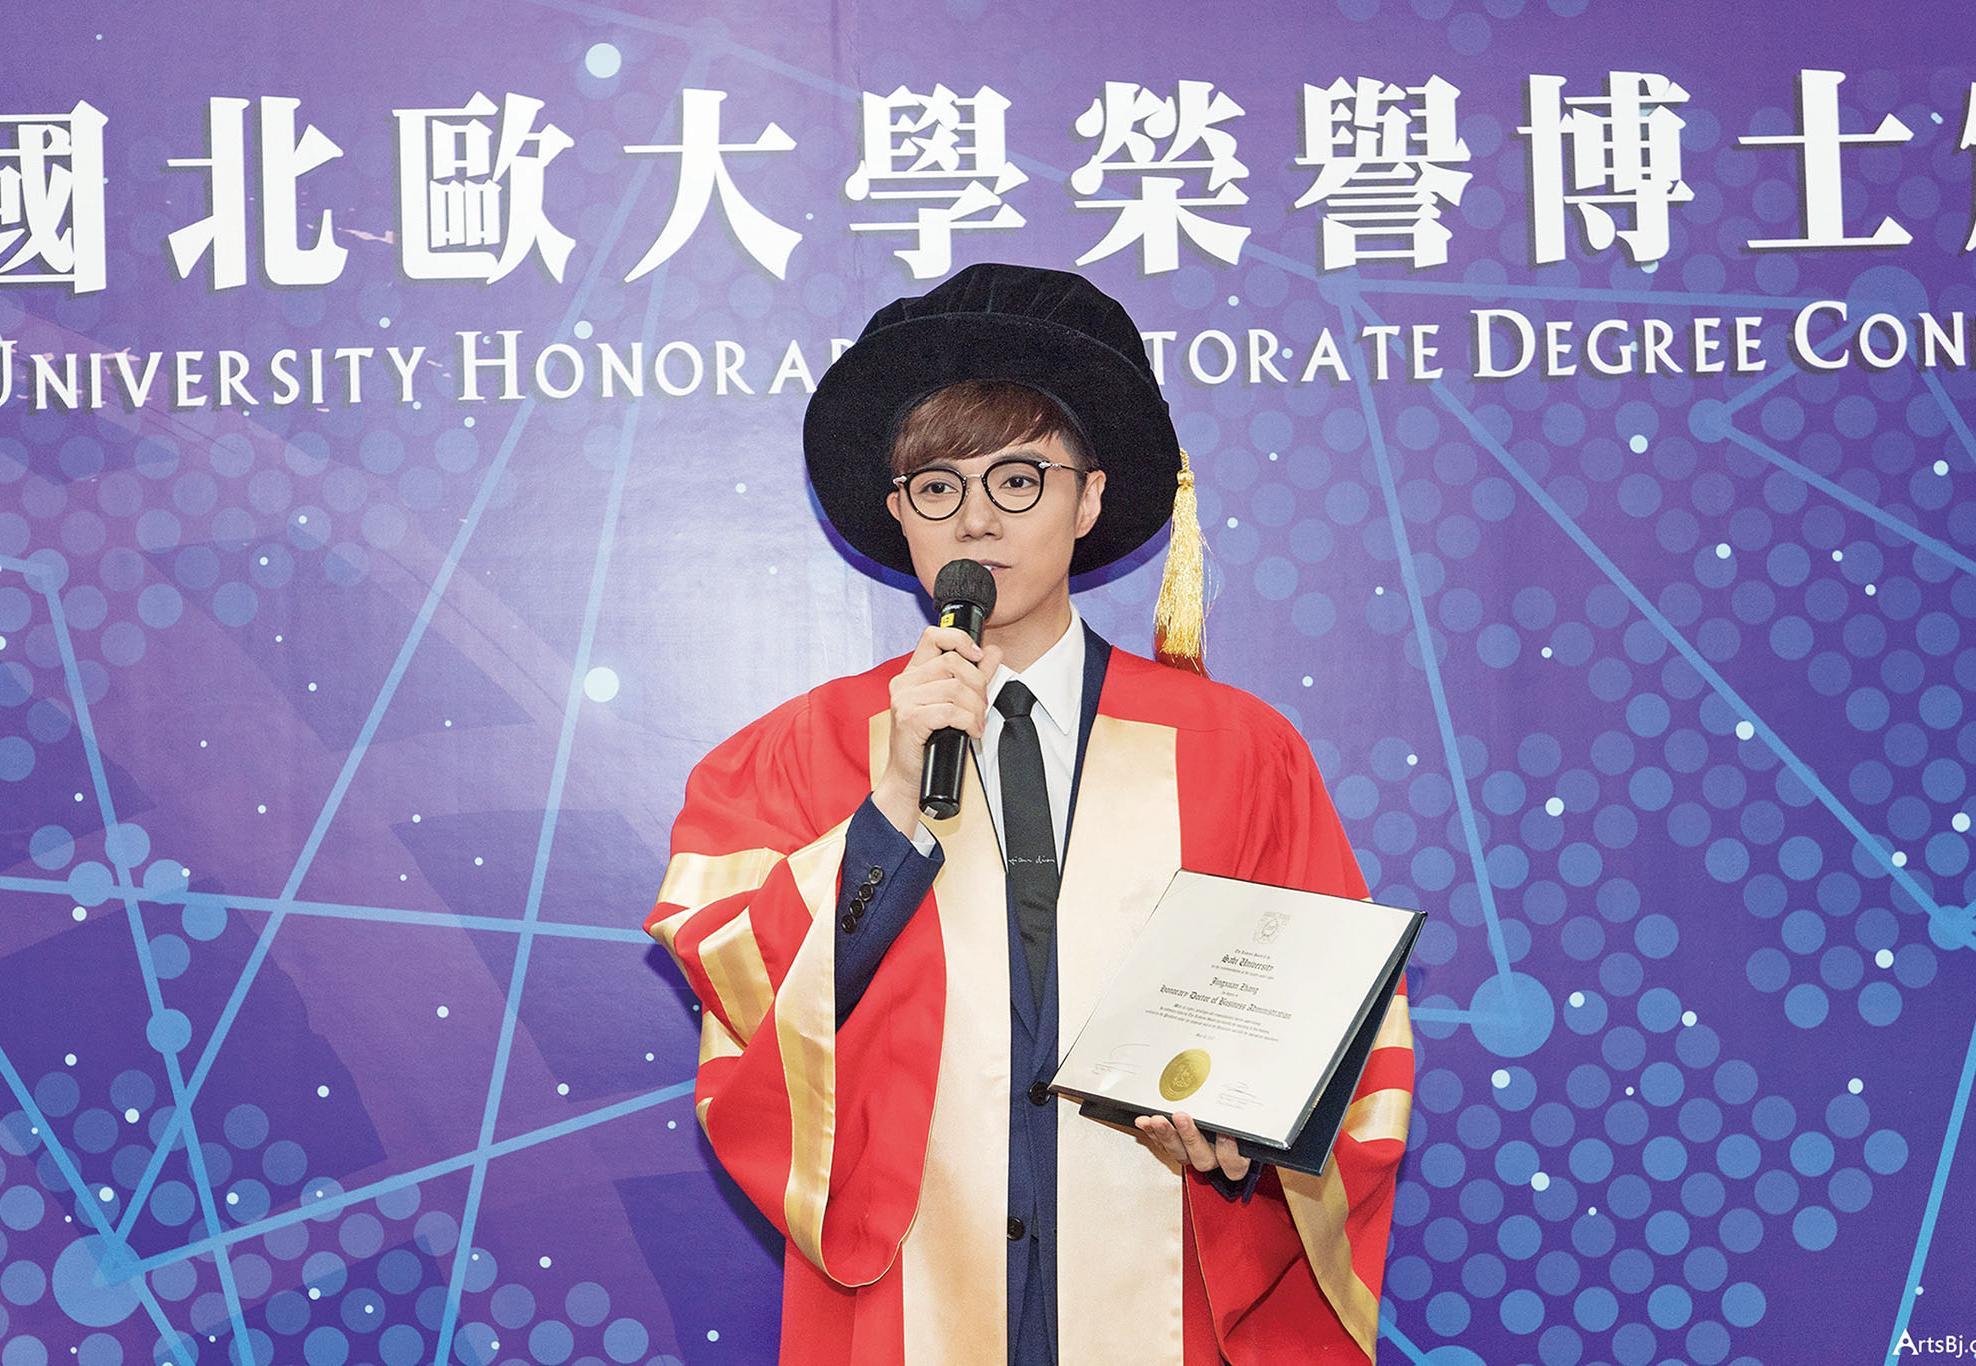 獲頒榮譽音樂碩士